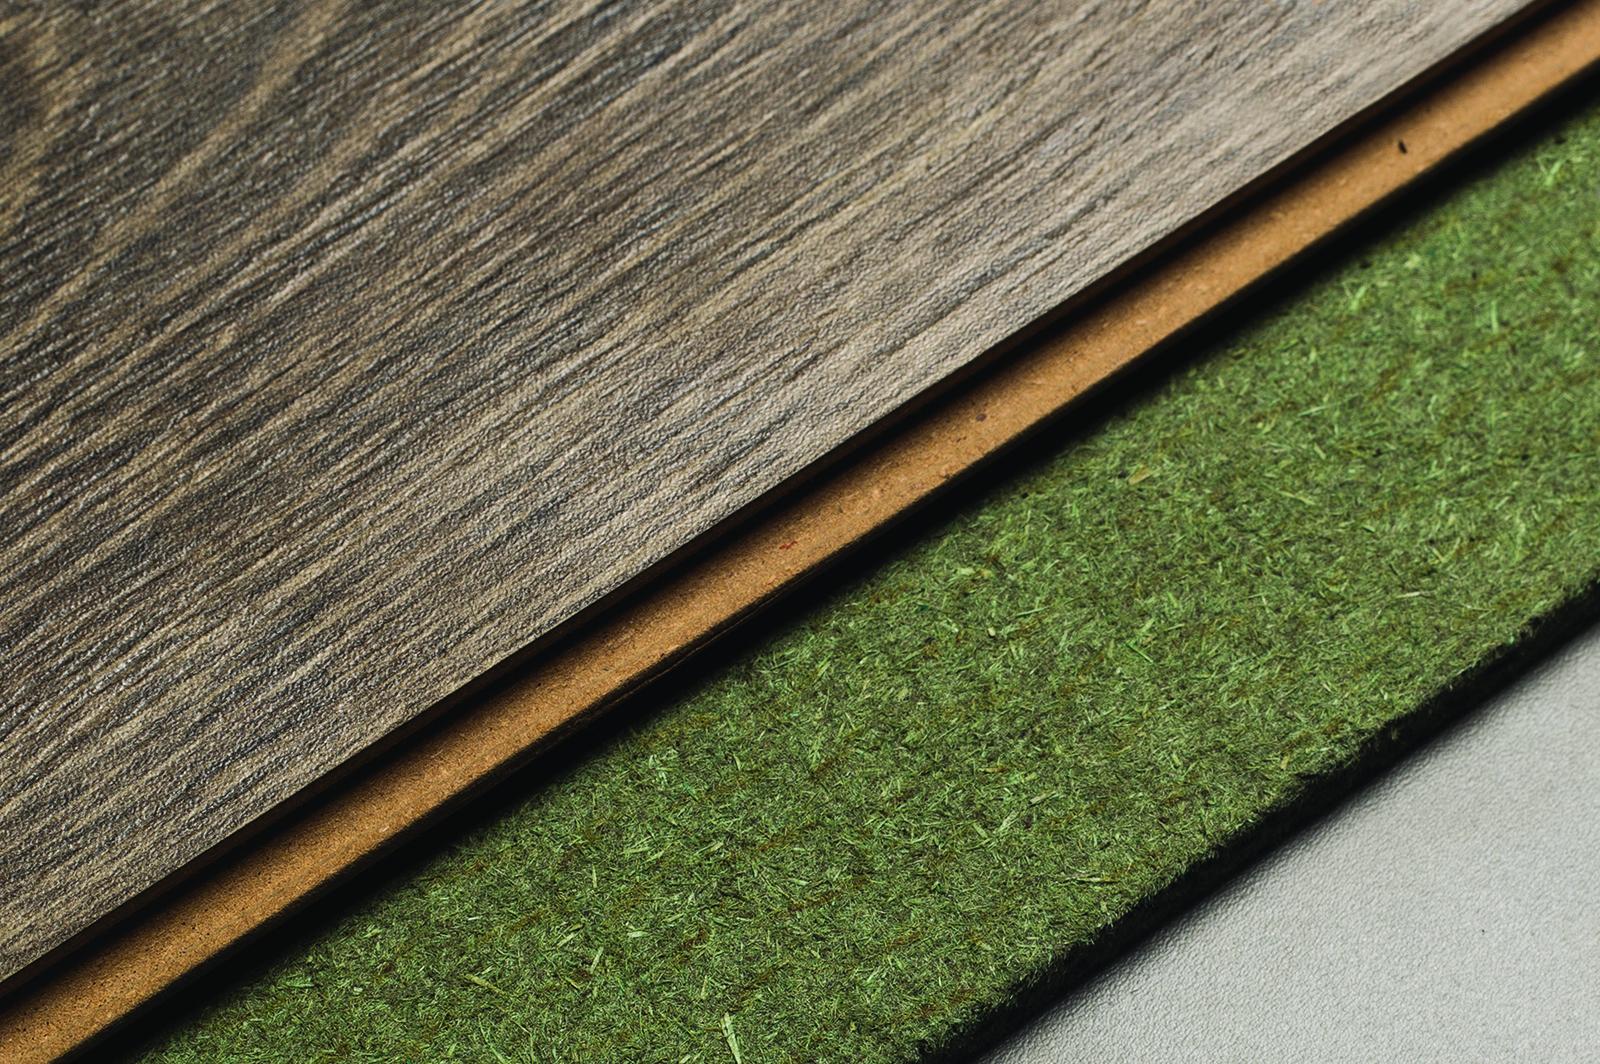 Bodiax grunfelt ondervloer laminaat mm laminaat design shop